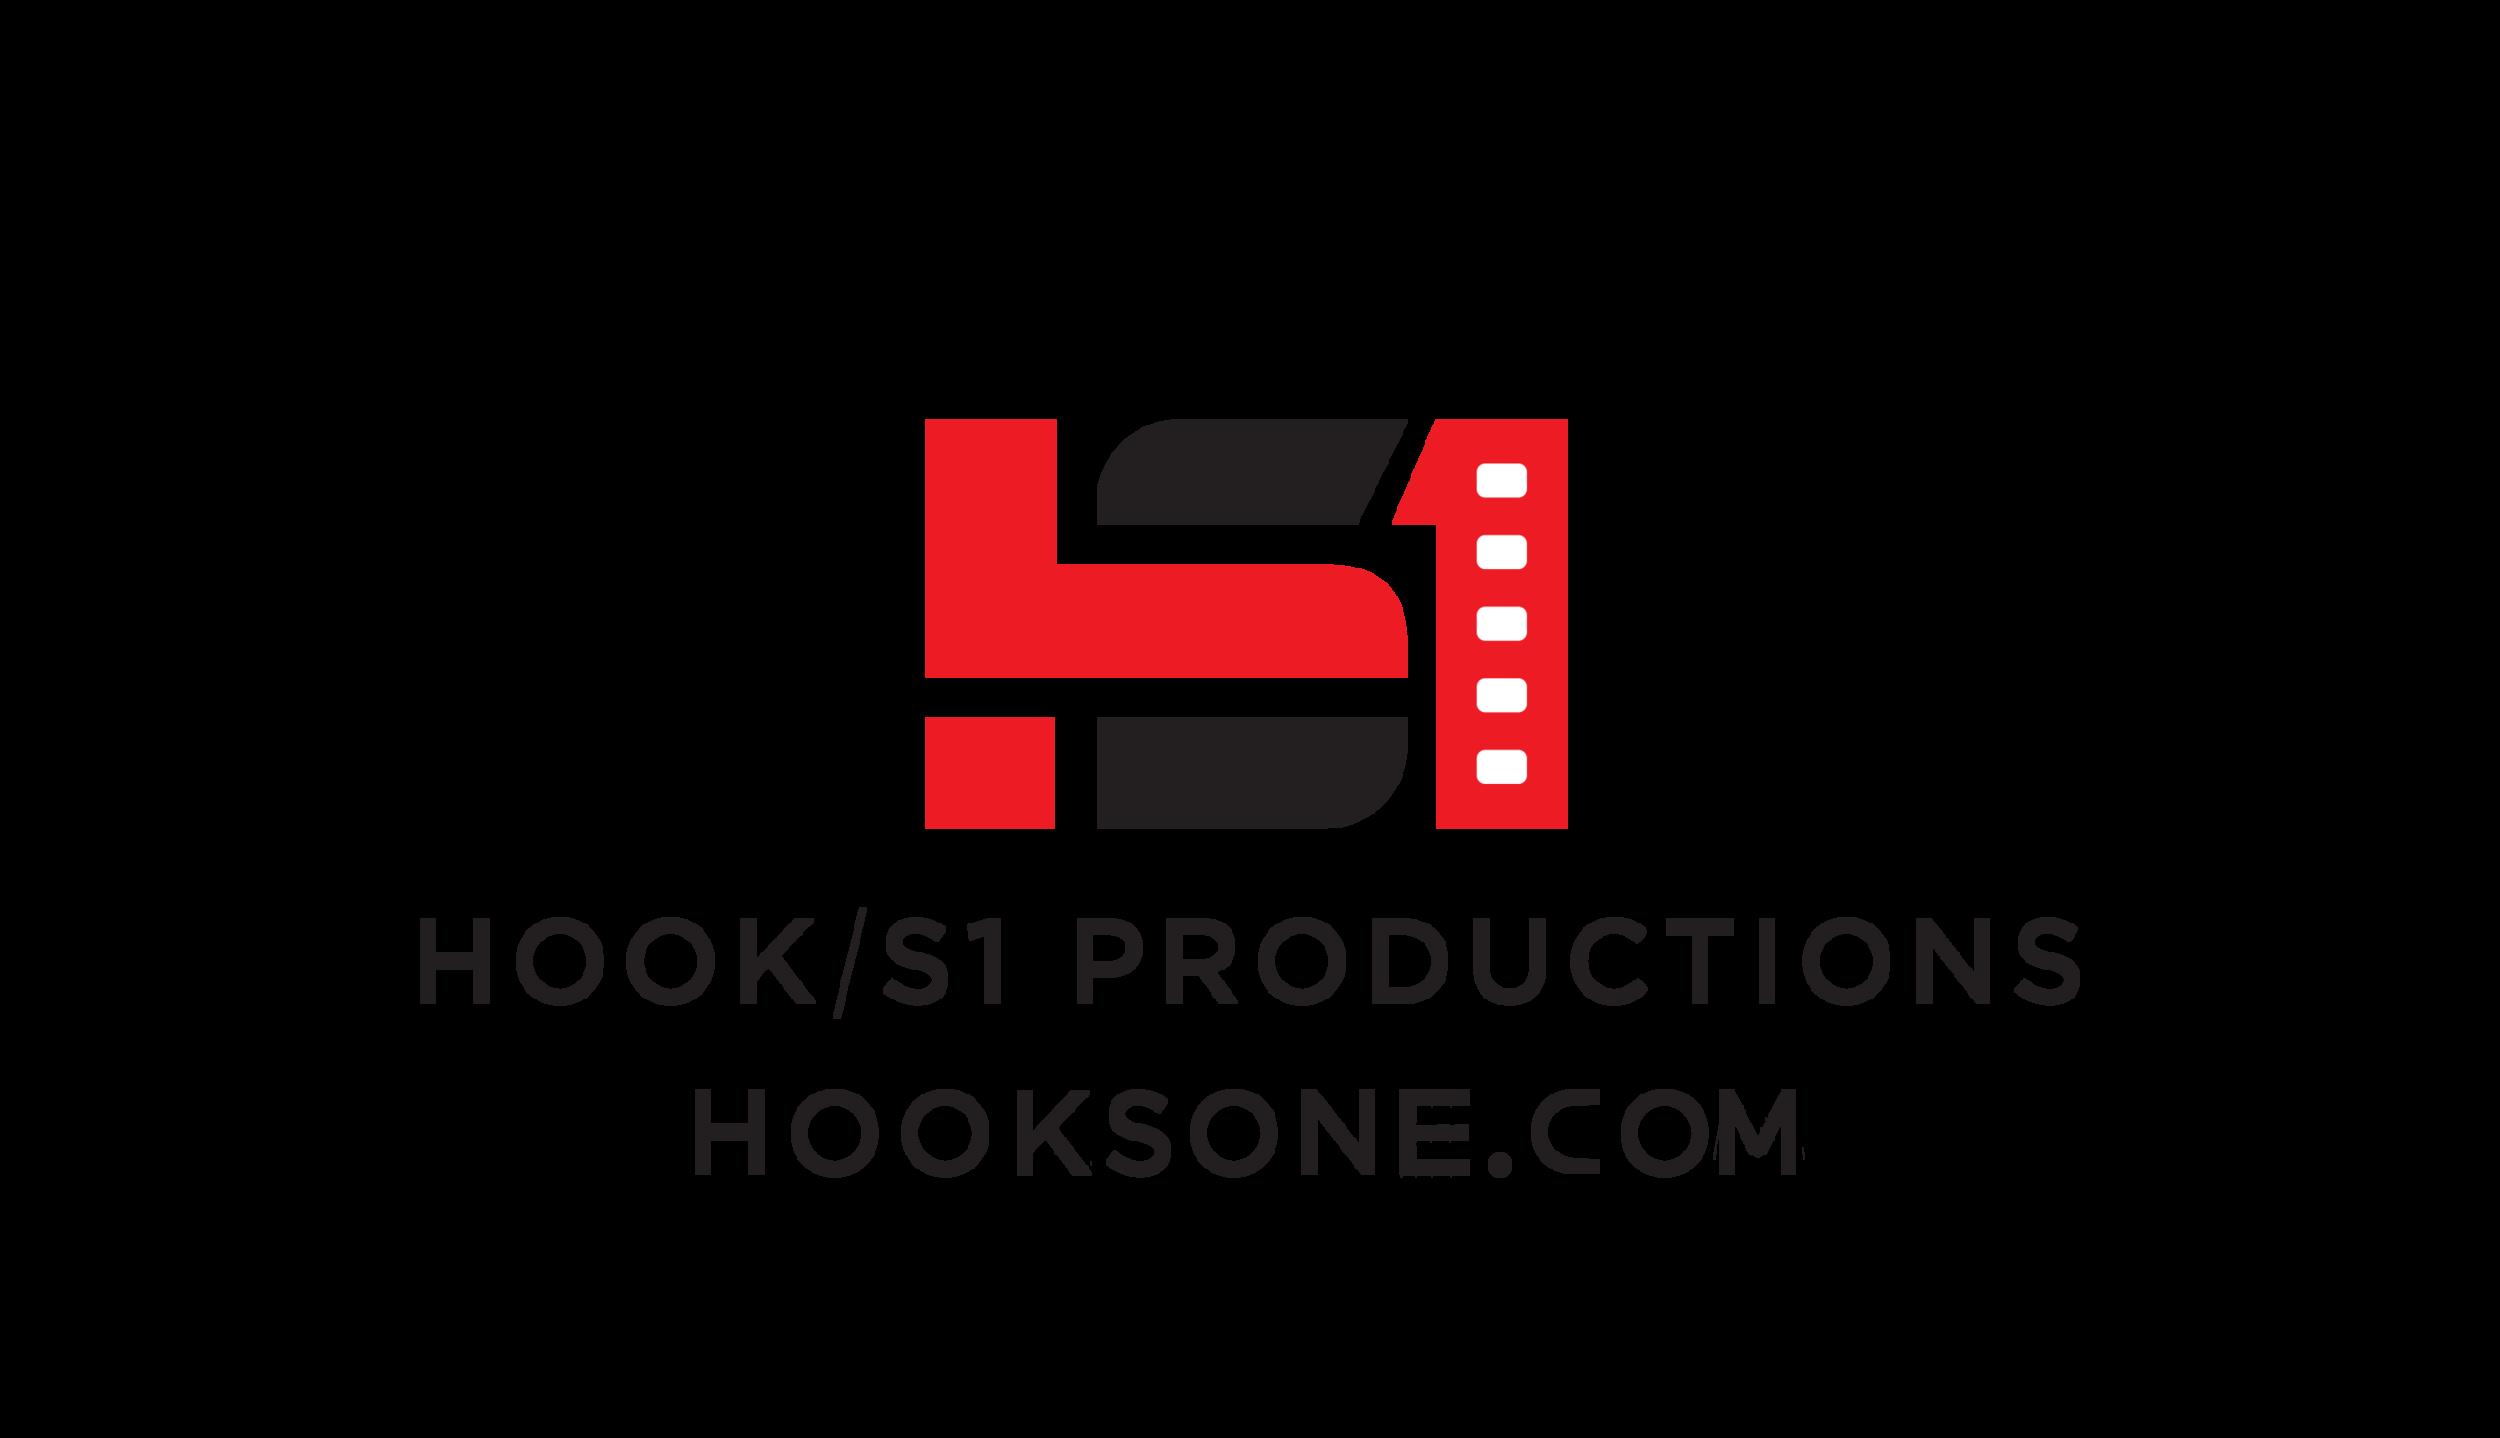 HookS1webLogo.png